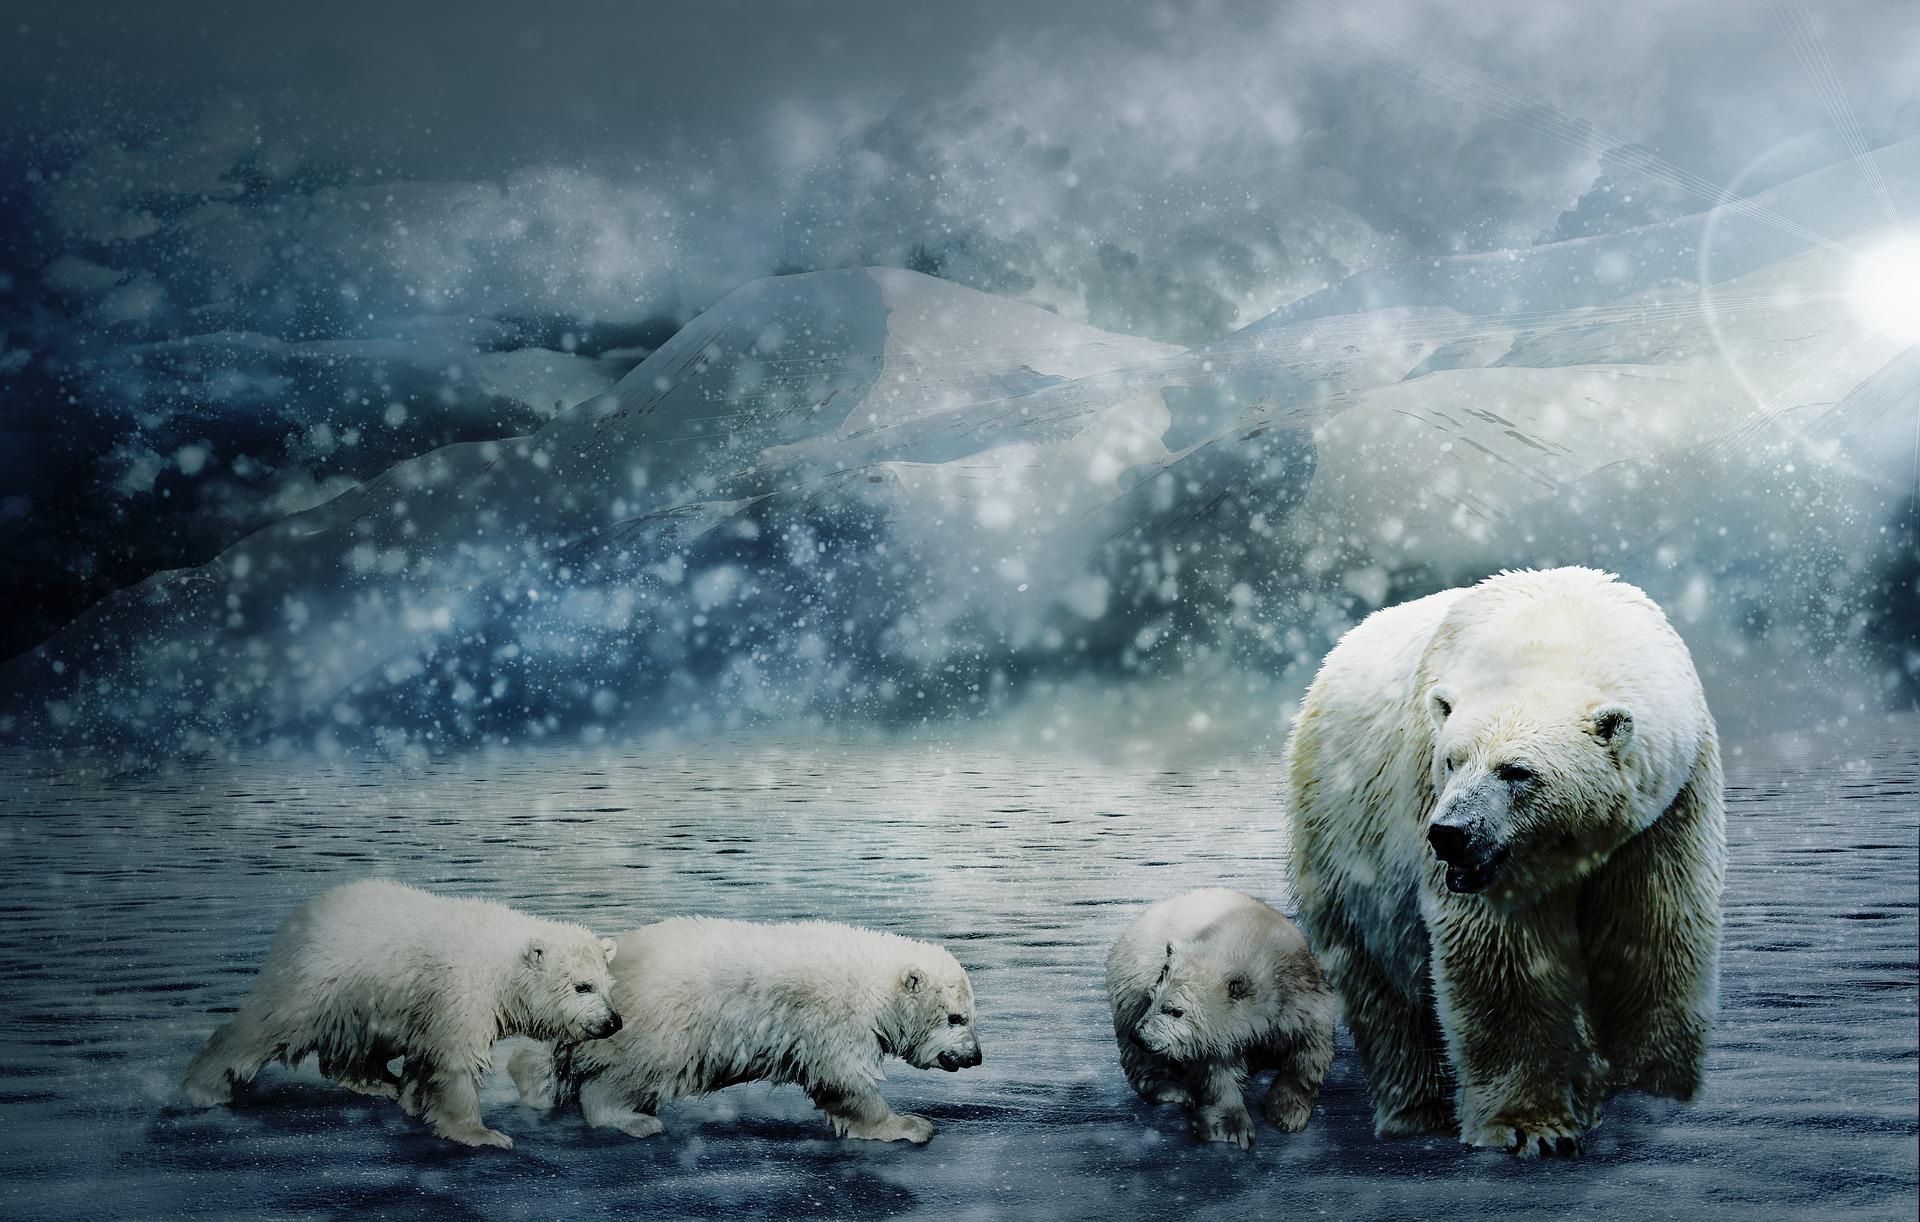 download wallpaper: ijsbeer met cubs wallpaper